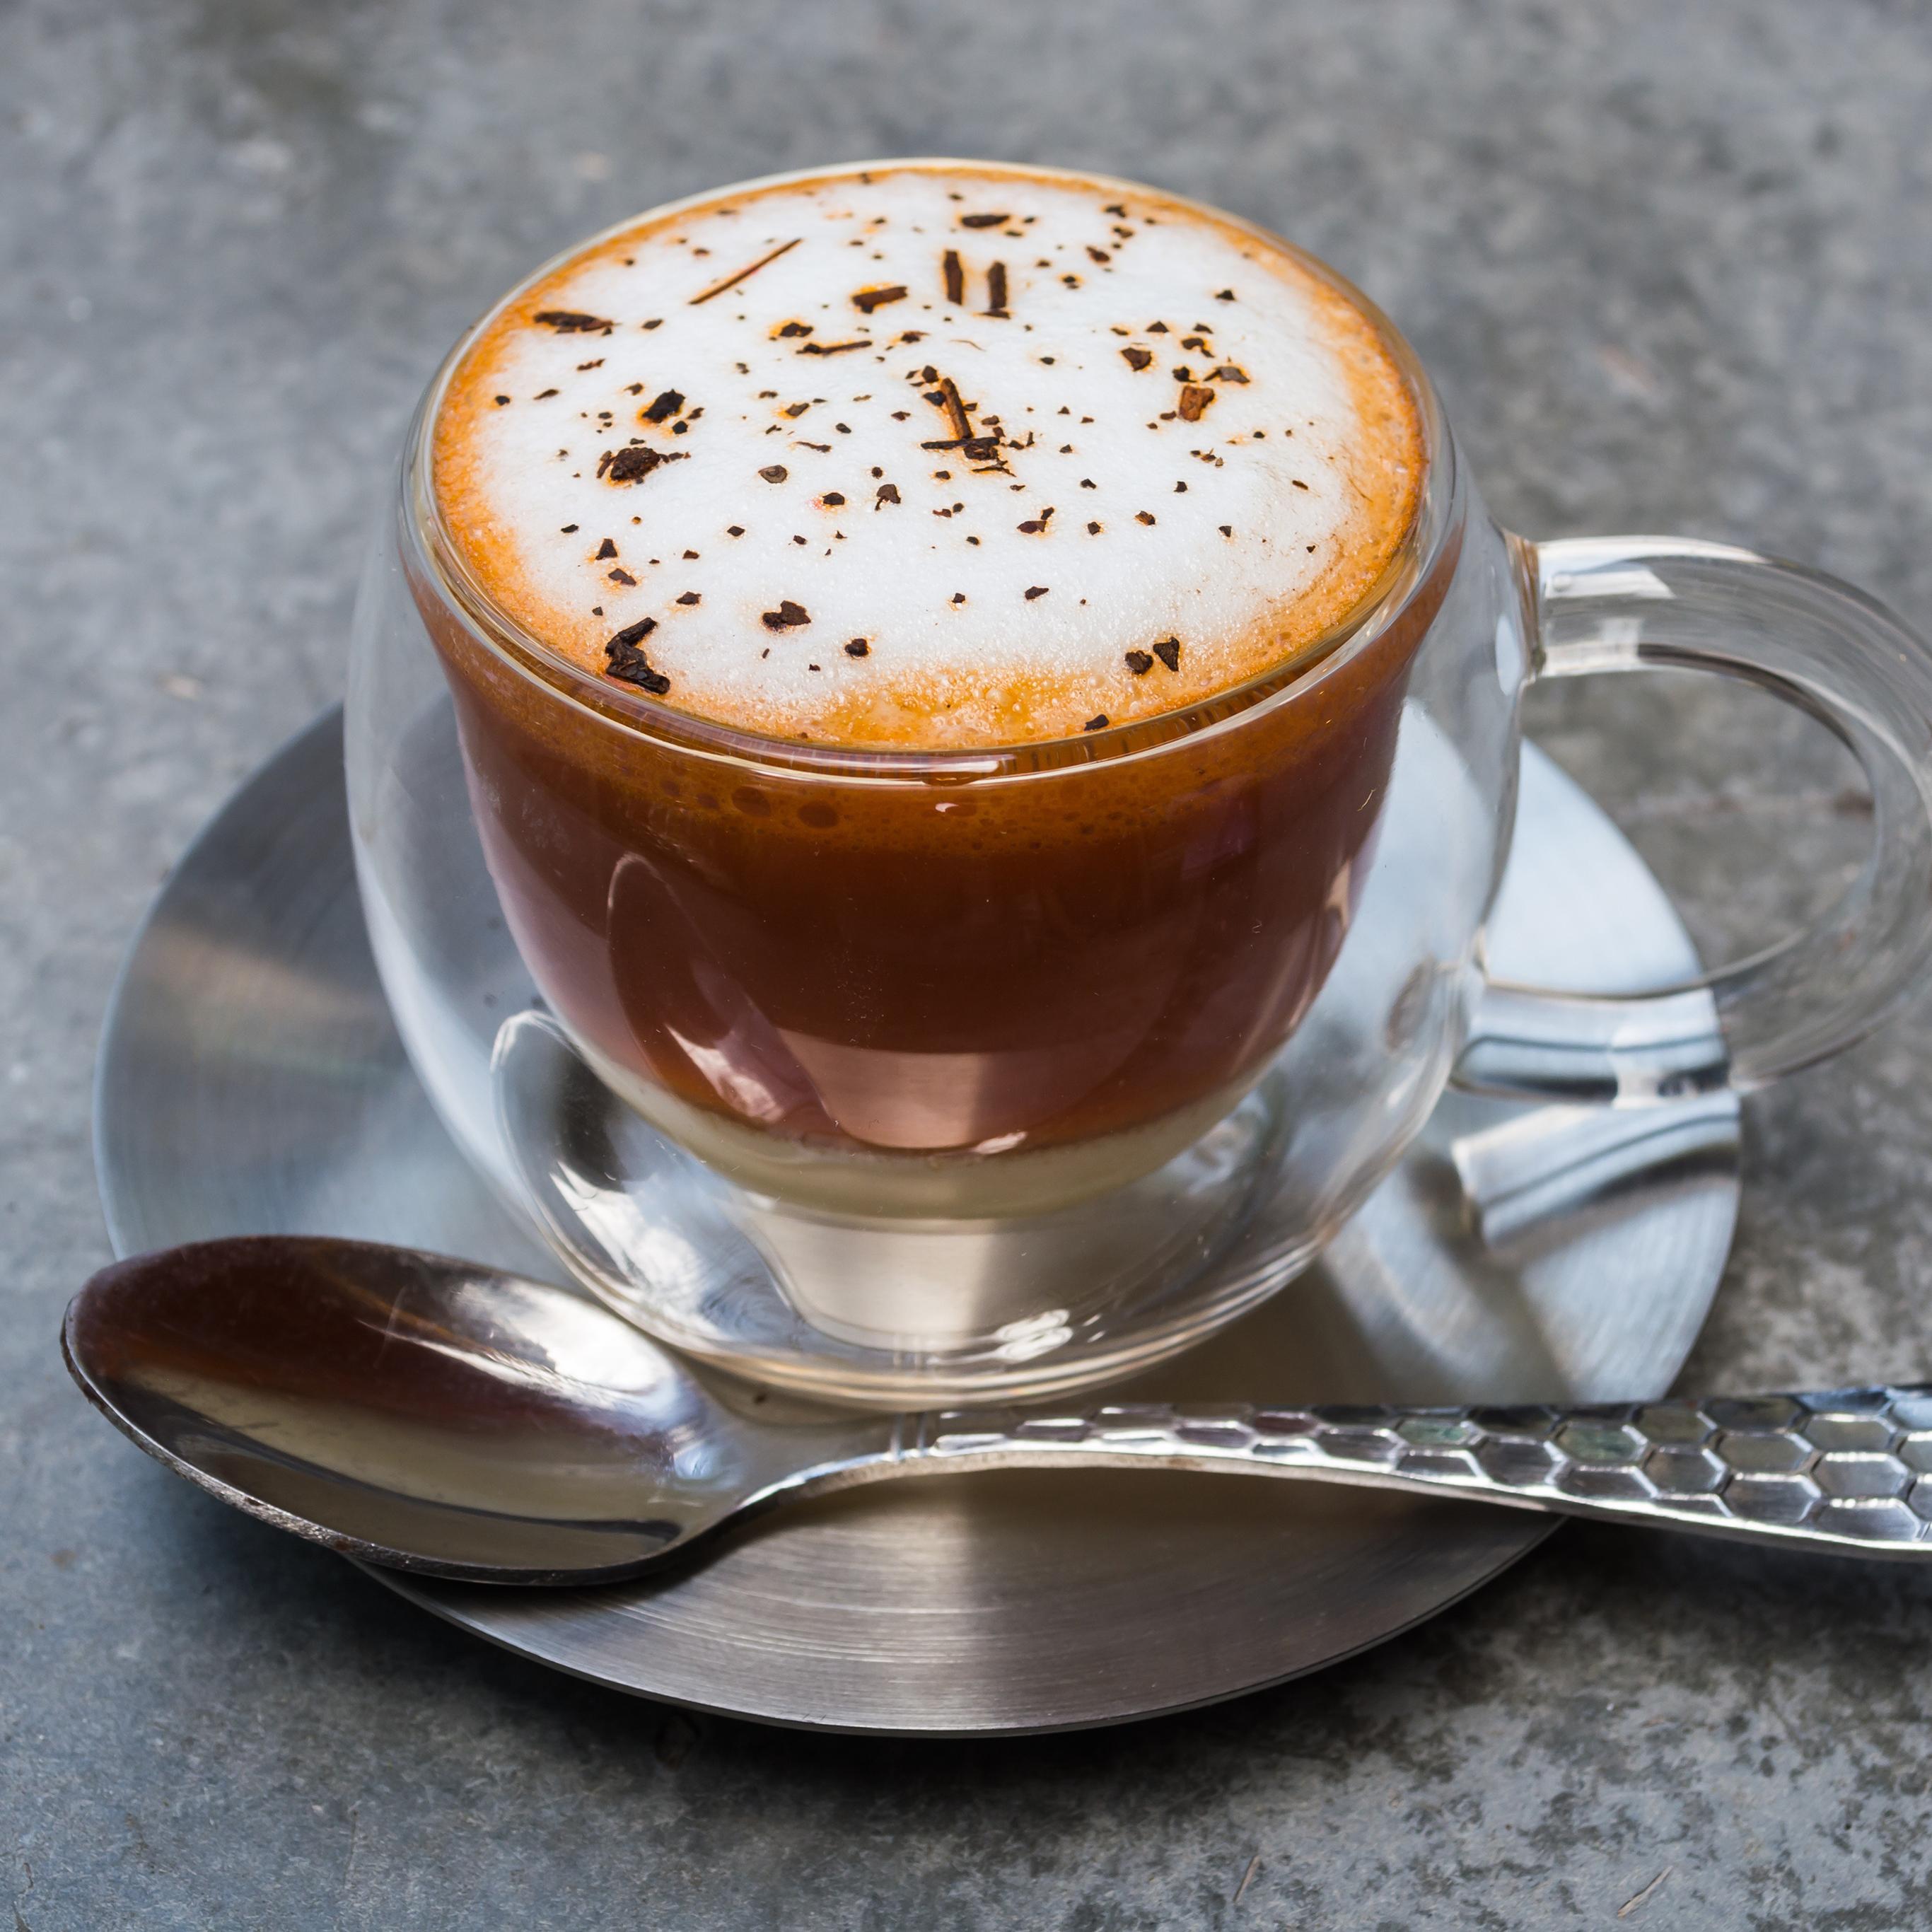 咖啡手机图片素材